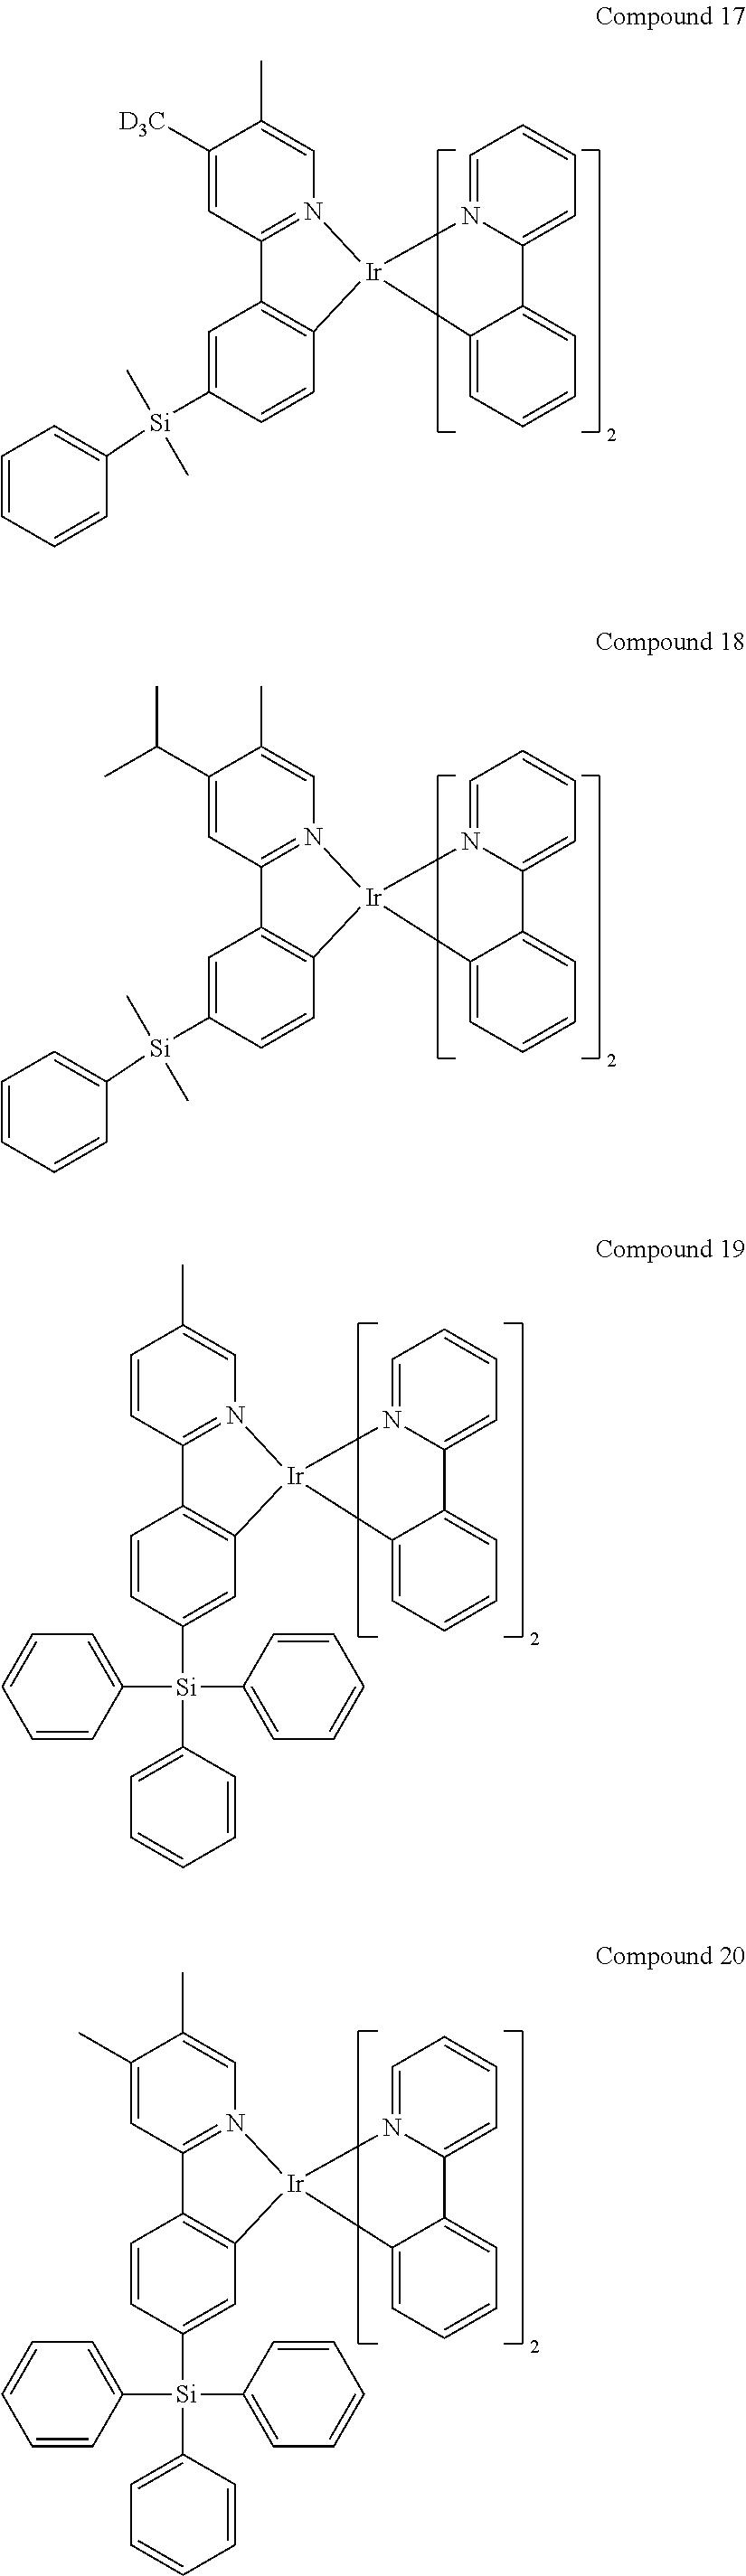 Figure US09725476-20170808-C00020